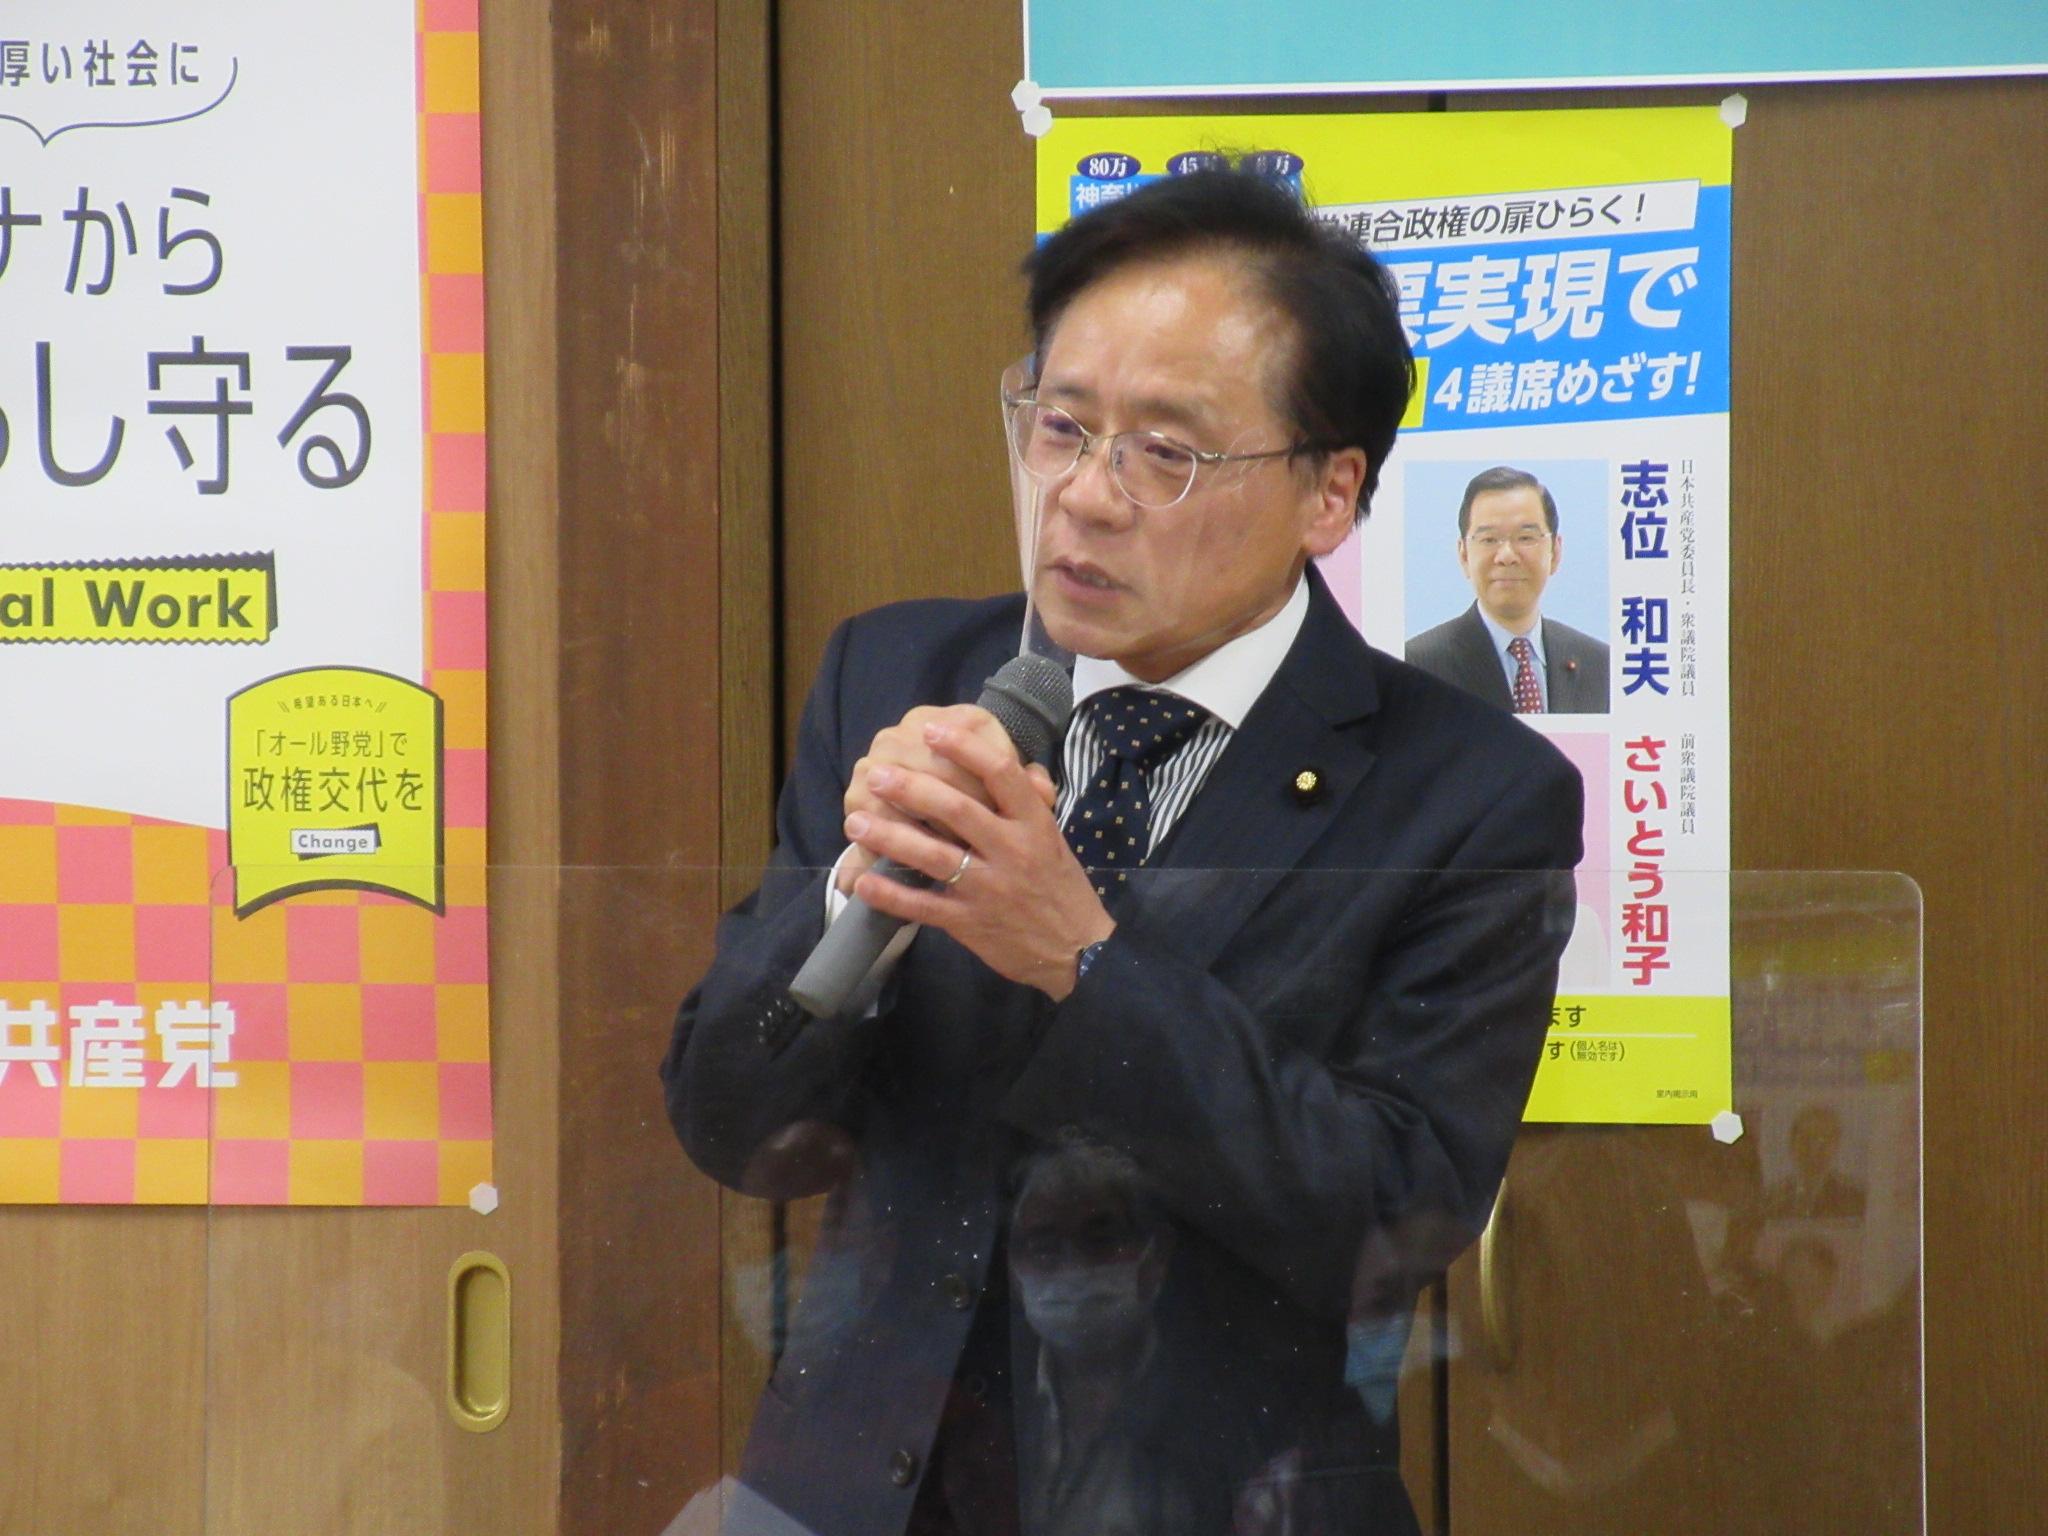 http://www.inoue-satoshi.com/diary/IMG_1757.JPG